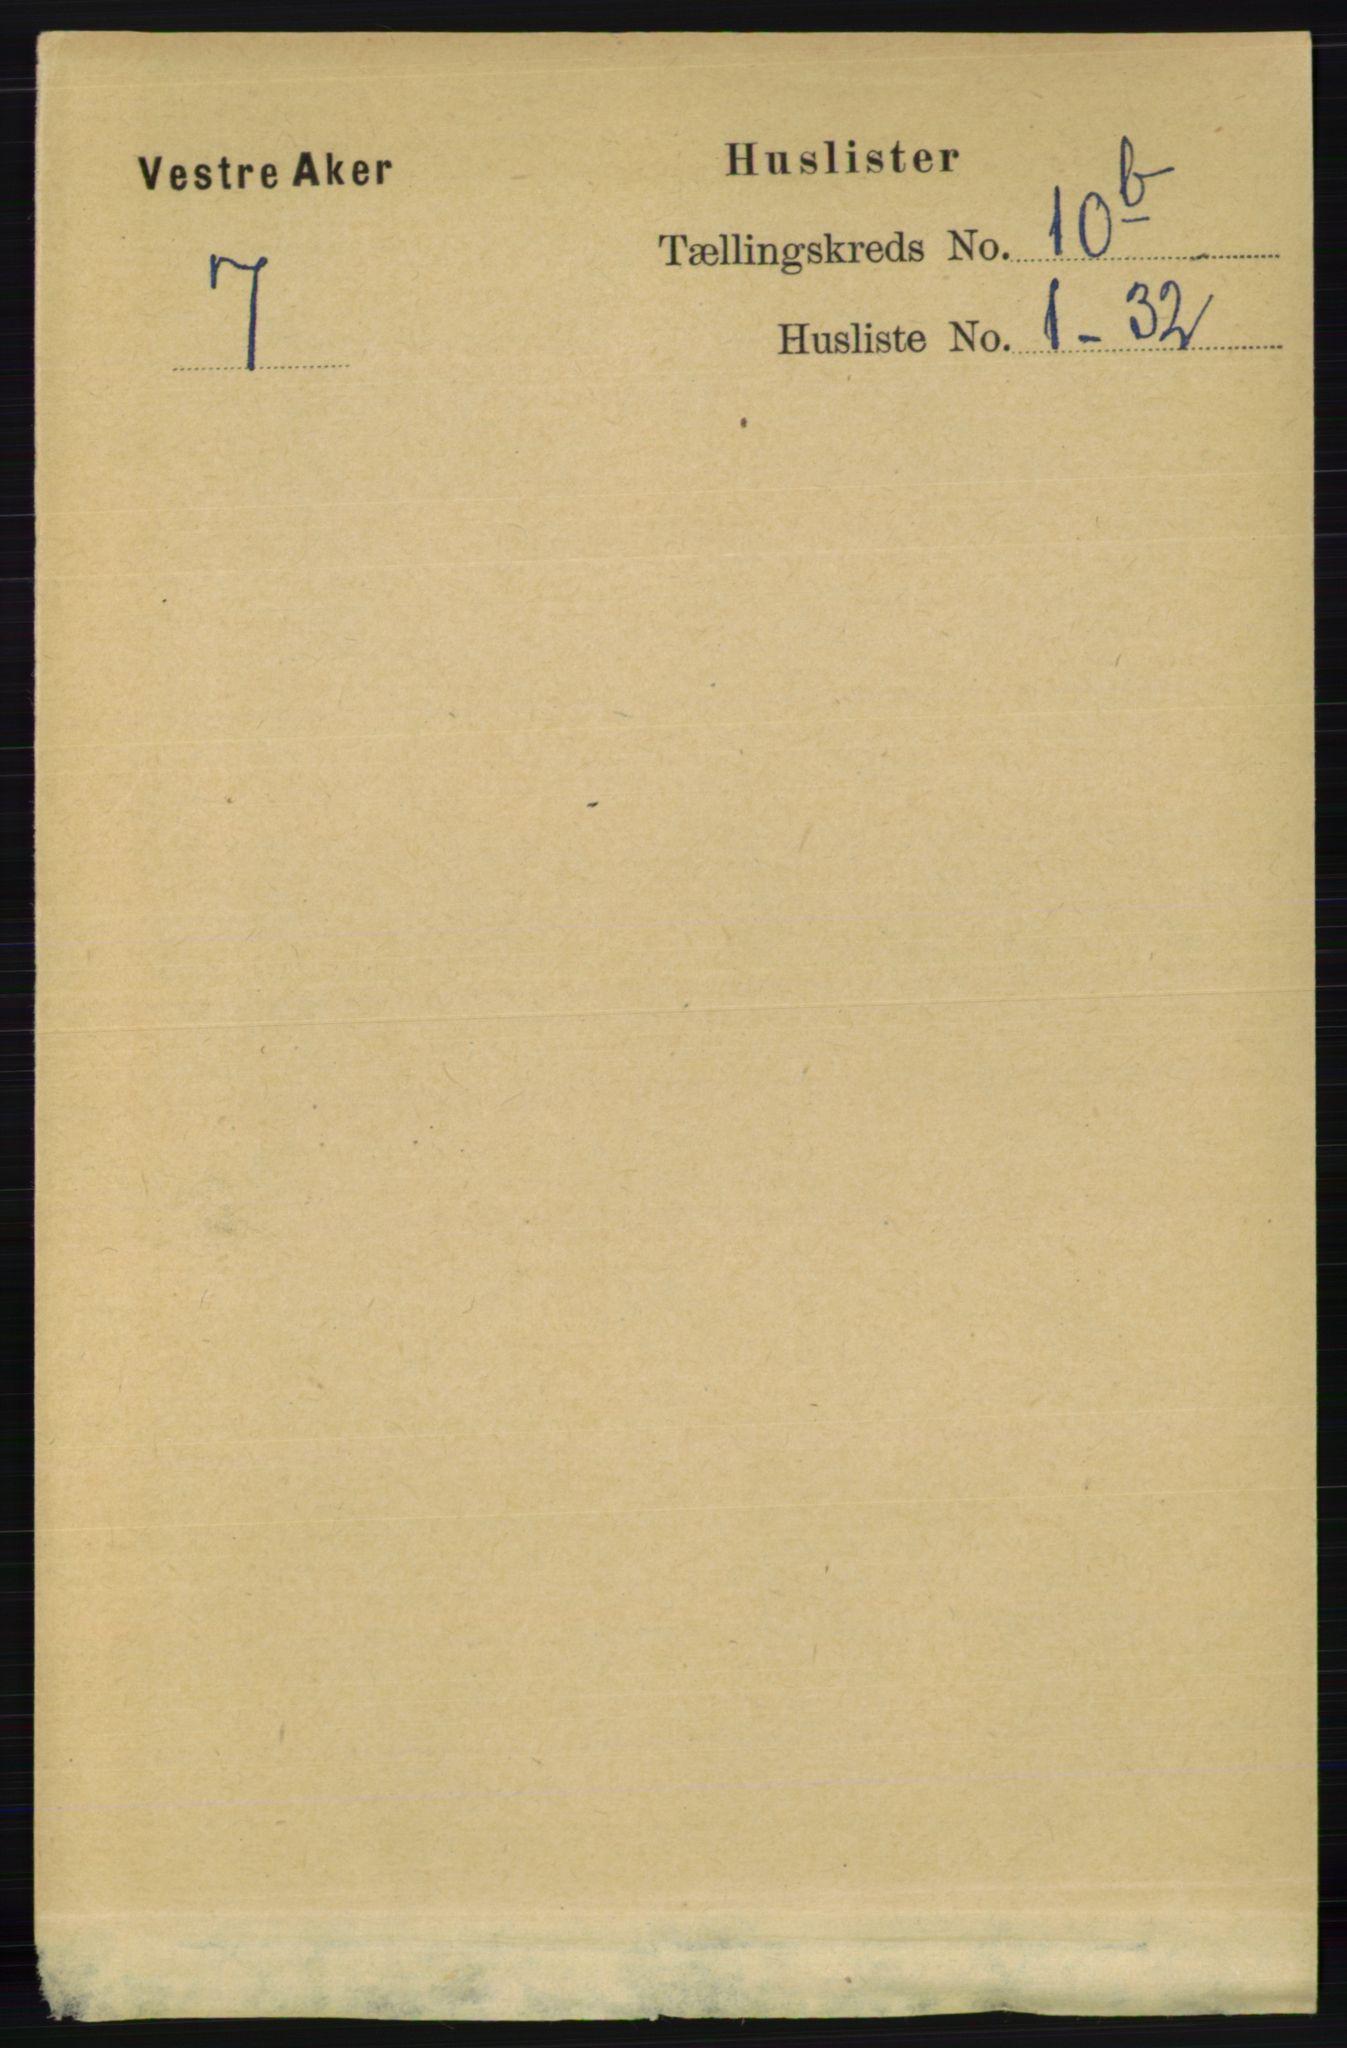 RA, Folketelling 1891 for 0218 Aker herred, 1891, s. 9552